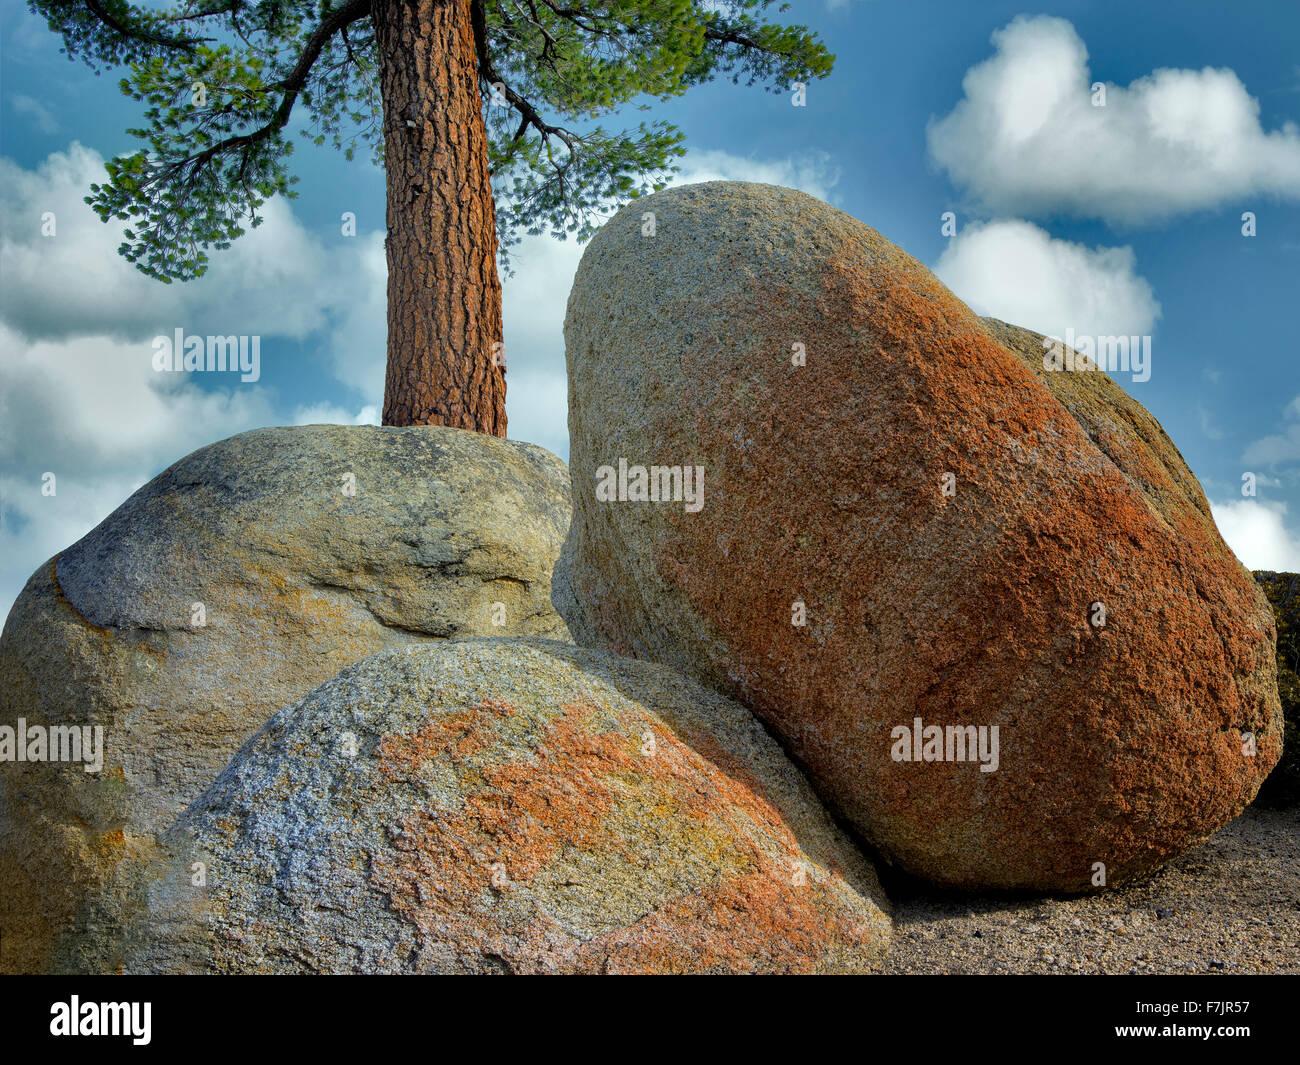 Ponderosa Pine tree and colorful granite glacial erratic boulders. Lake Tahoe, California - Stock Image